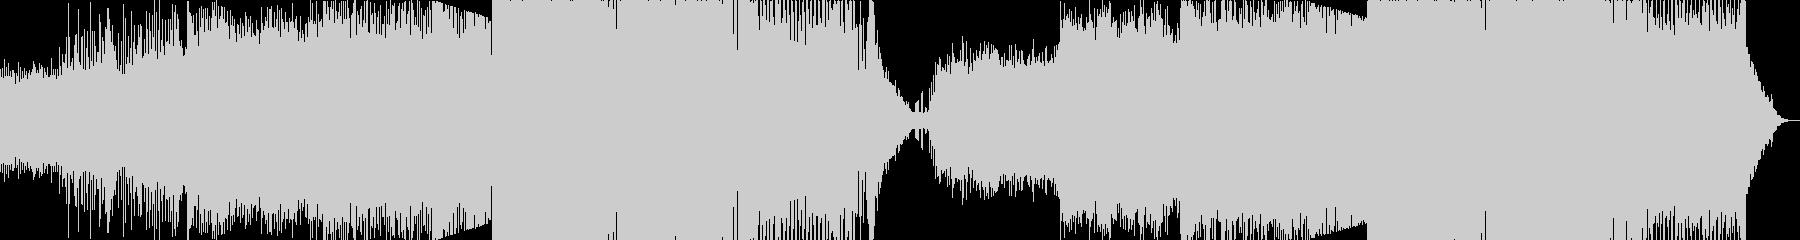 ダンスミュージック(EDM)の未再生の波形